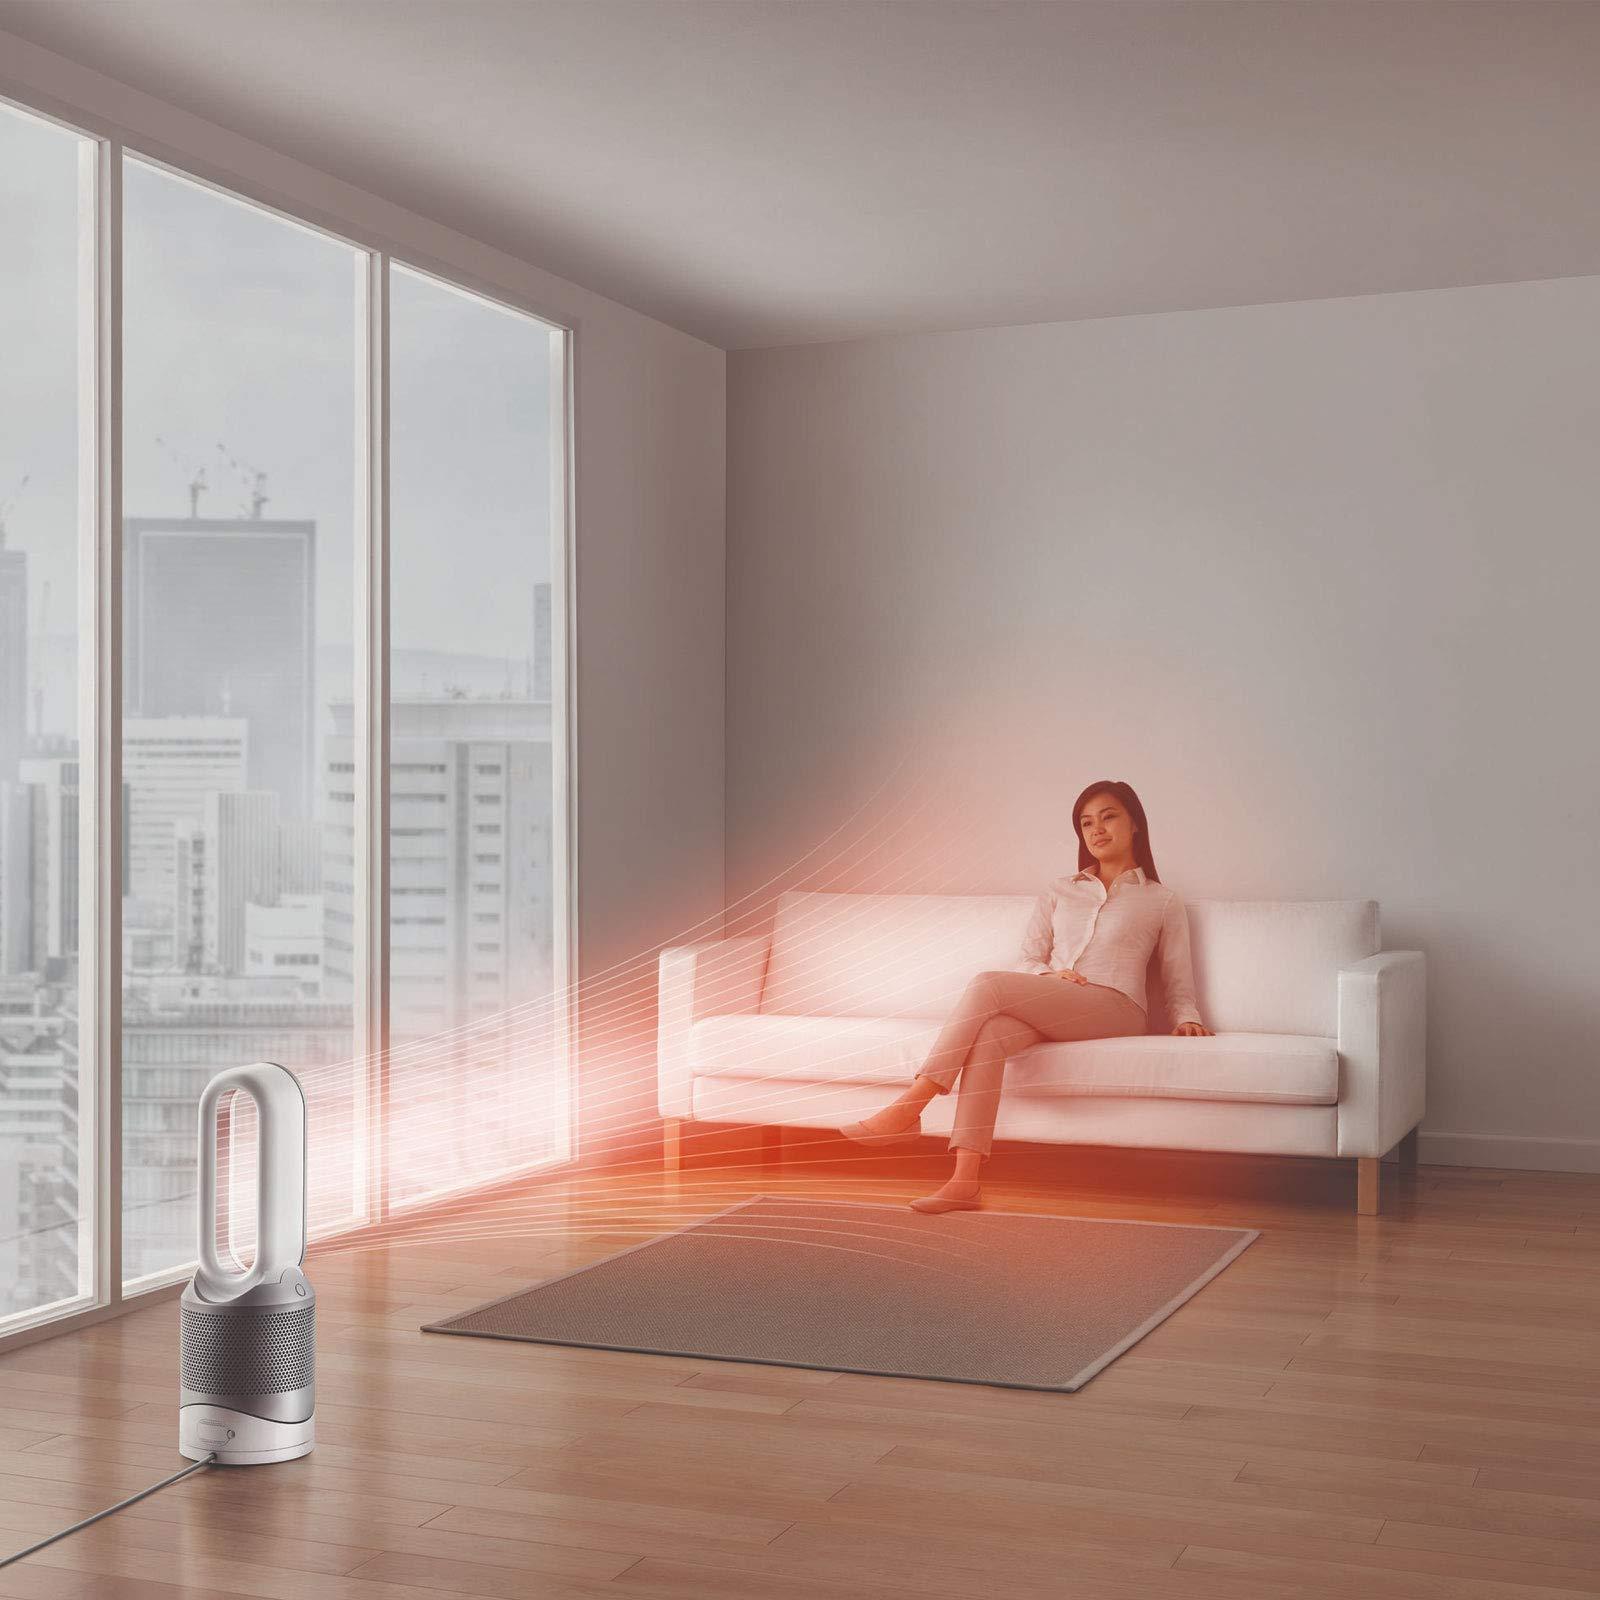 Dyson Pure Hot + Cool Link Ventilador calefactor purificador, 64 dBa nivel de sonido, filtro HEPA, 209 l/s, 2000 W, 10 Velocidades, Blanco/Plateado: Amazon.es: Hogar